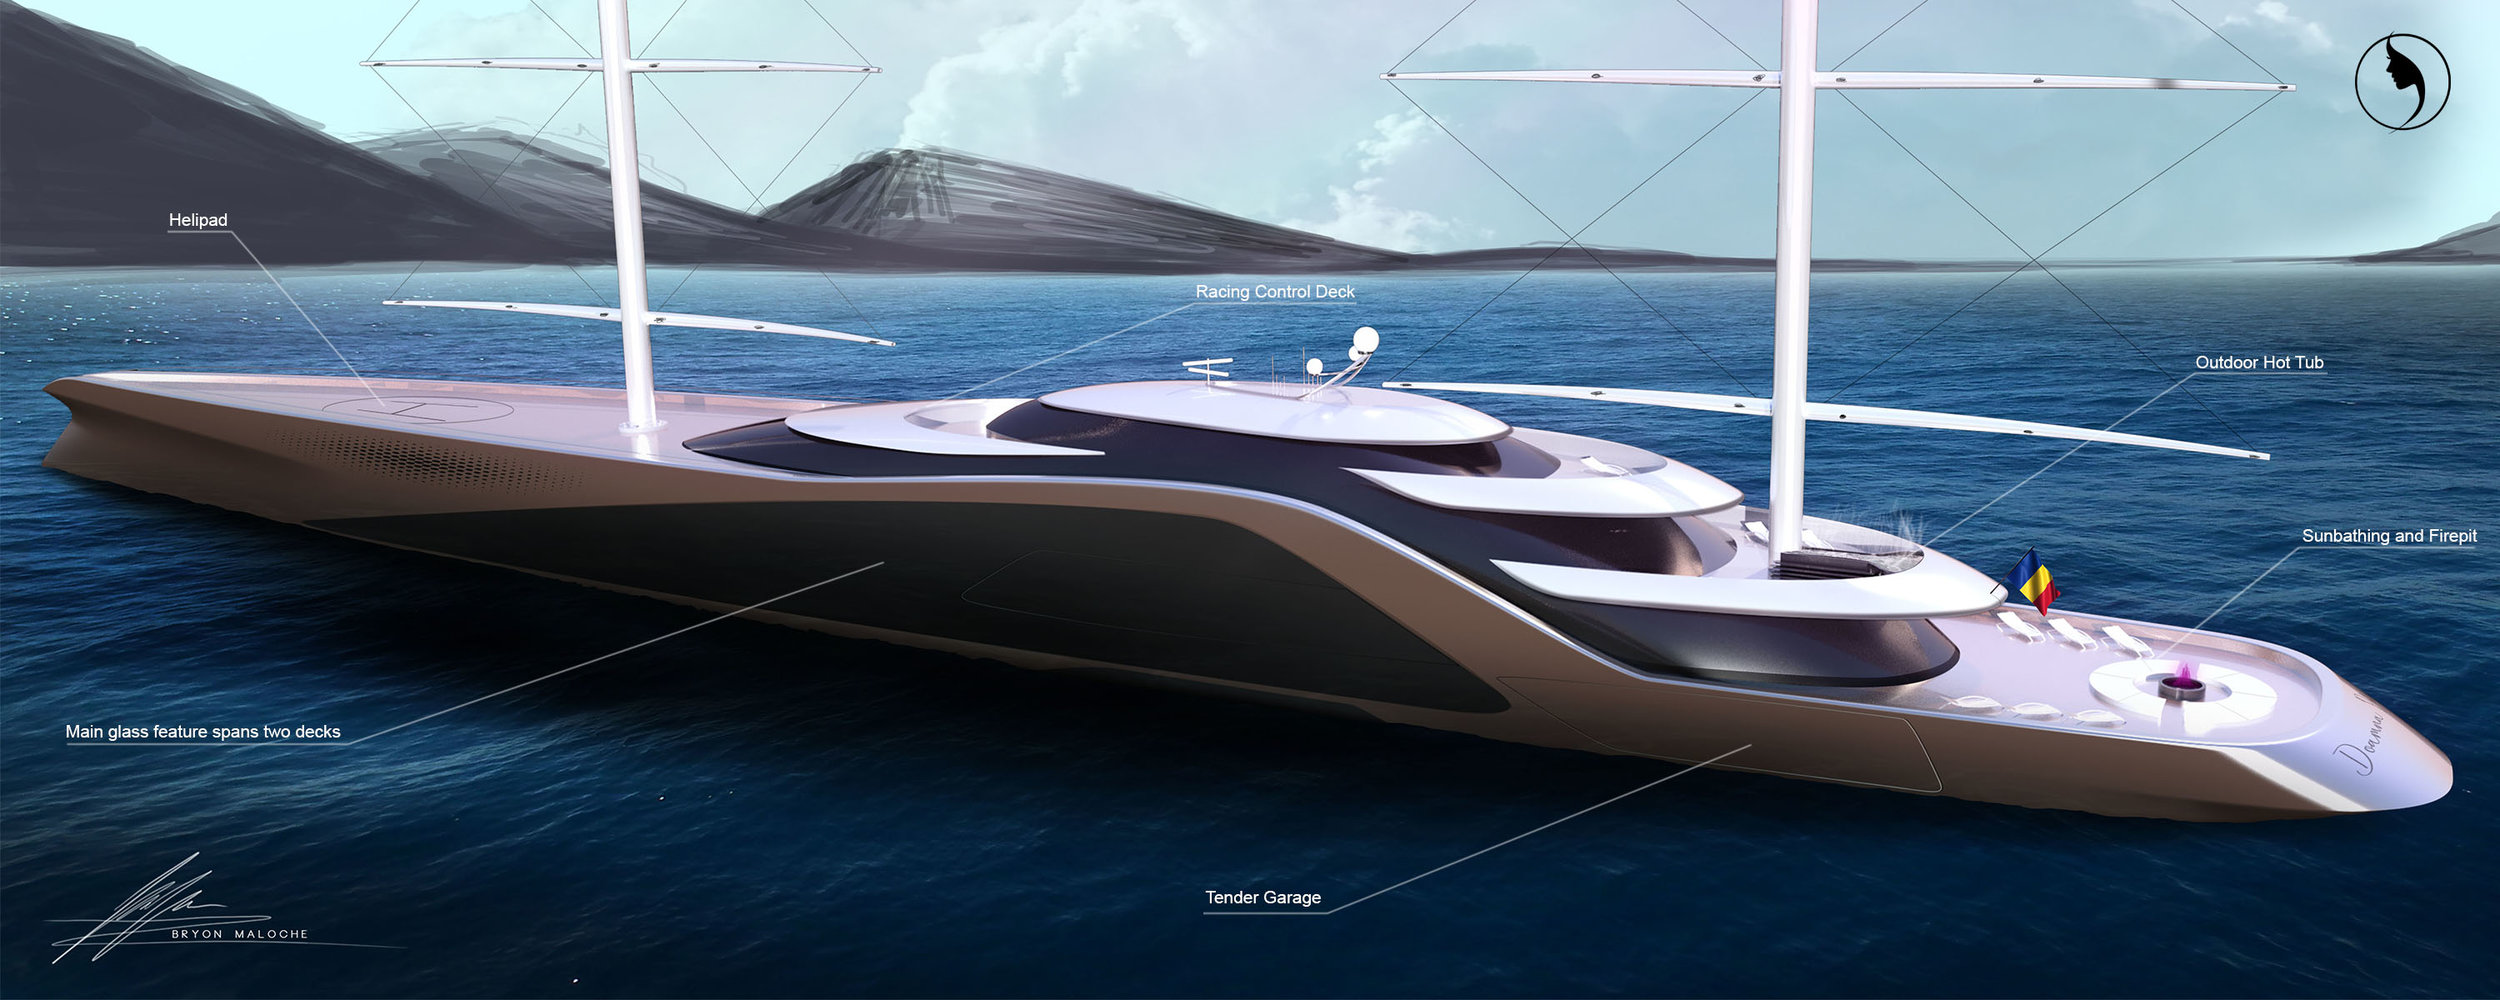 Oceanco Render 3.jpg